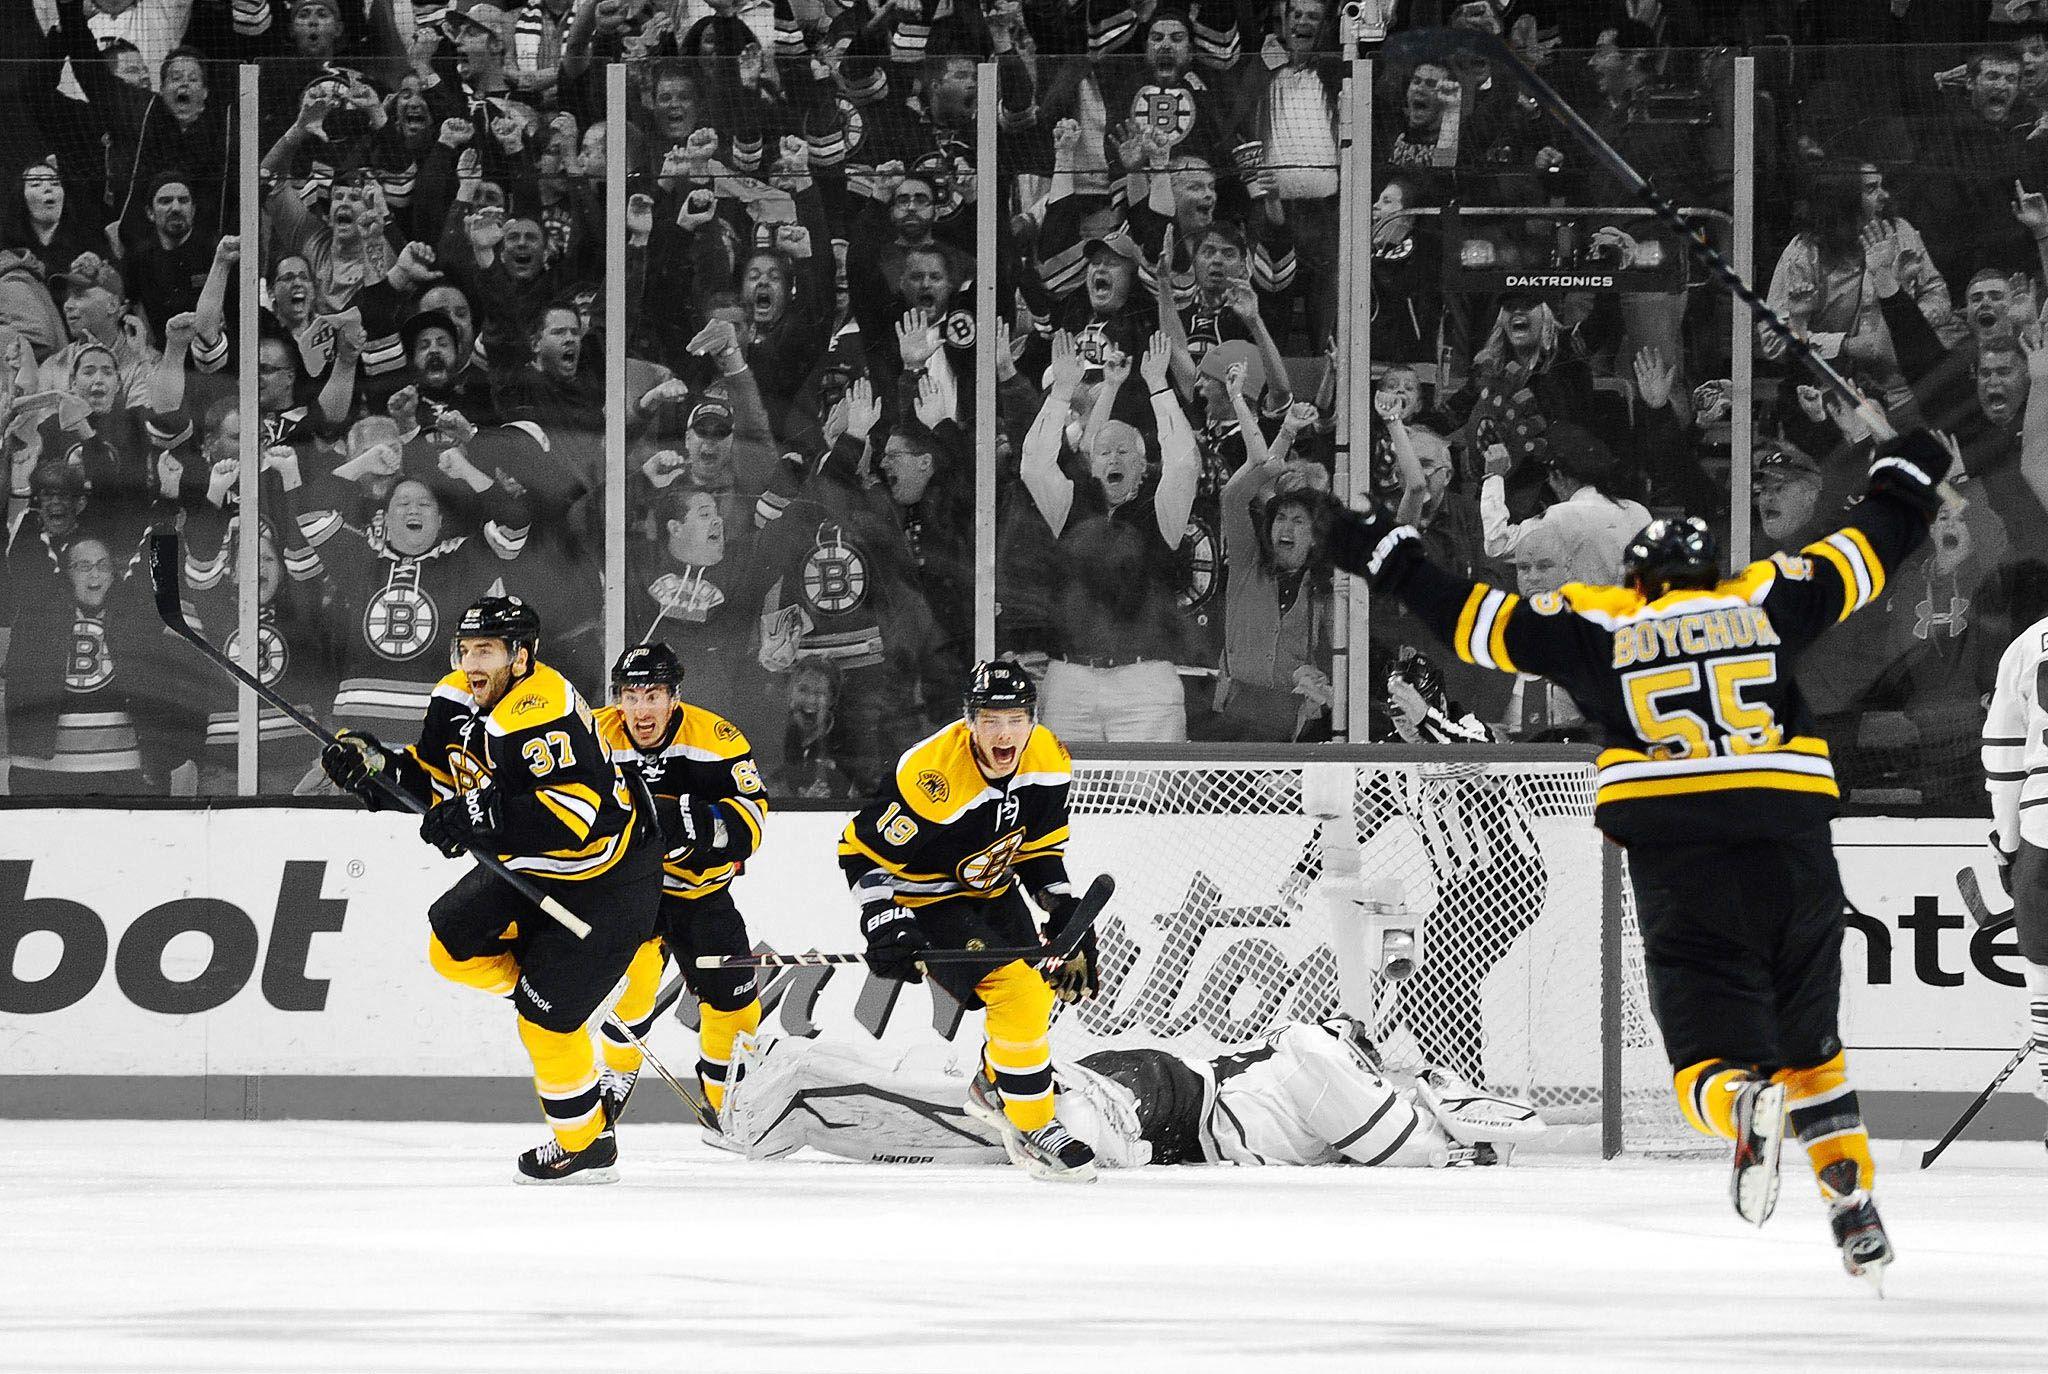 Tuukka Rask Boston Bruins Wallpaper Hockey Sport Wallpaper 2560 1440 Boston Bruins Backgrounds 34 Wallpapers Adorable Wal Boston Bruins Boston Amigurumi